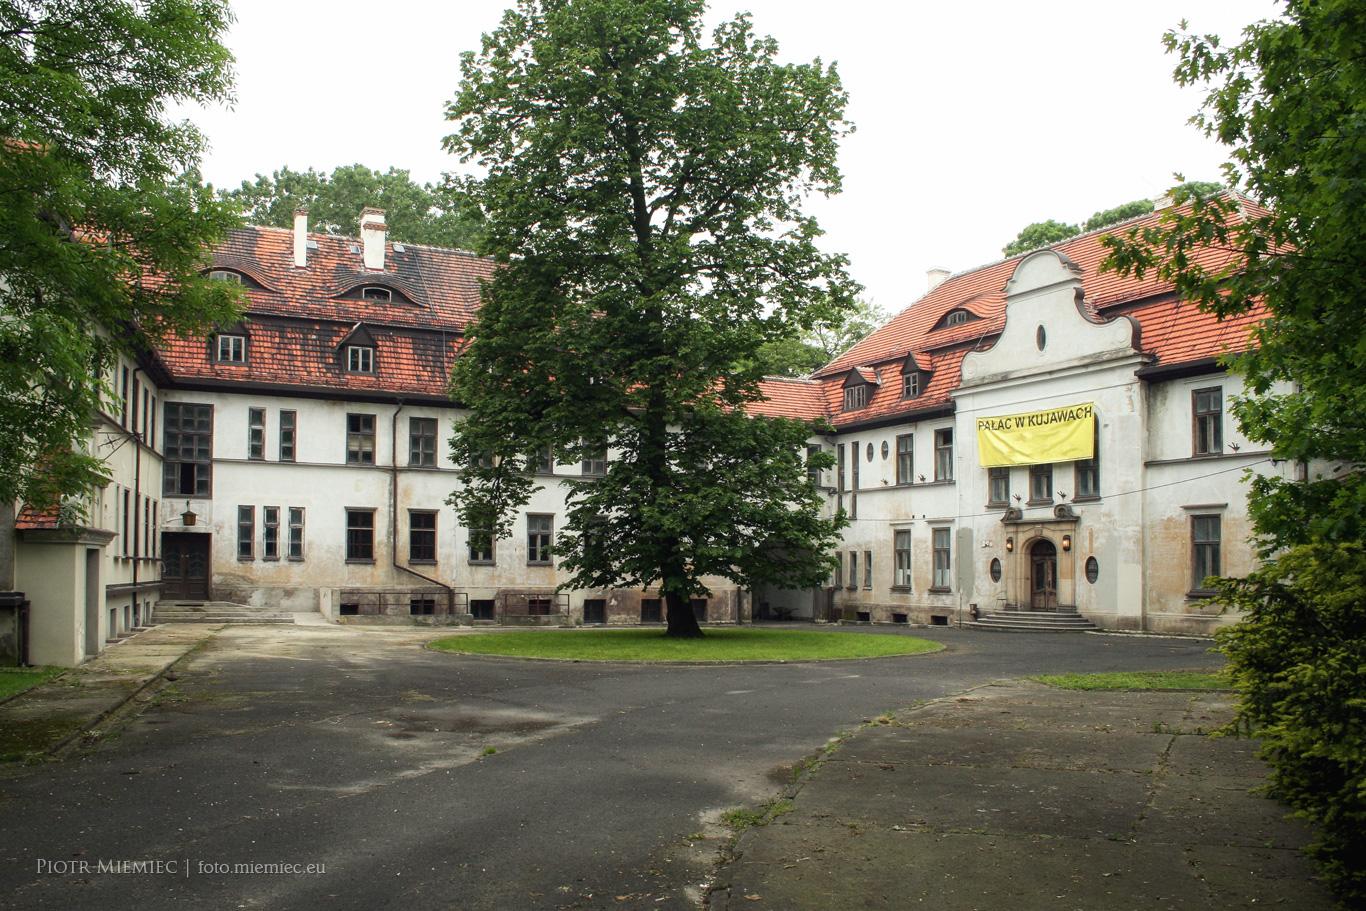 Kujawy pałac - 1